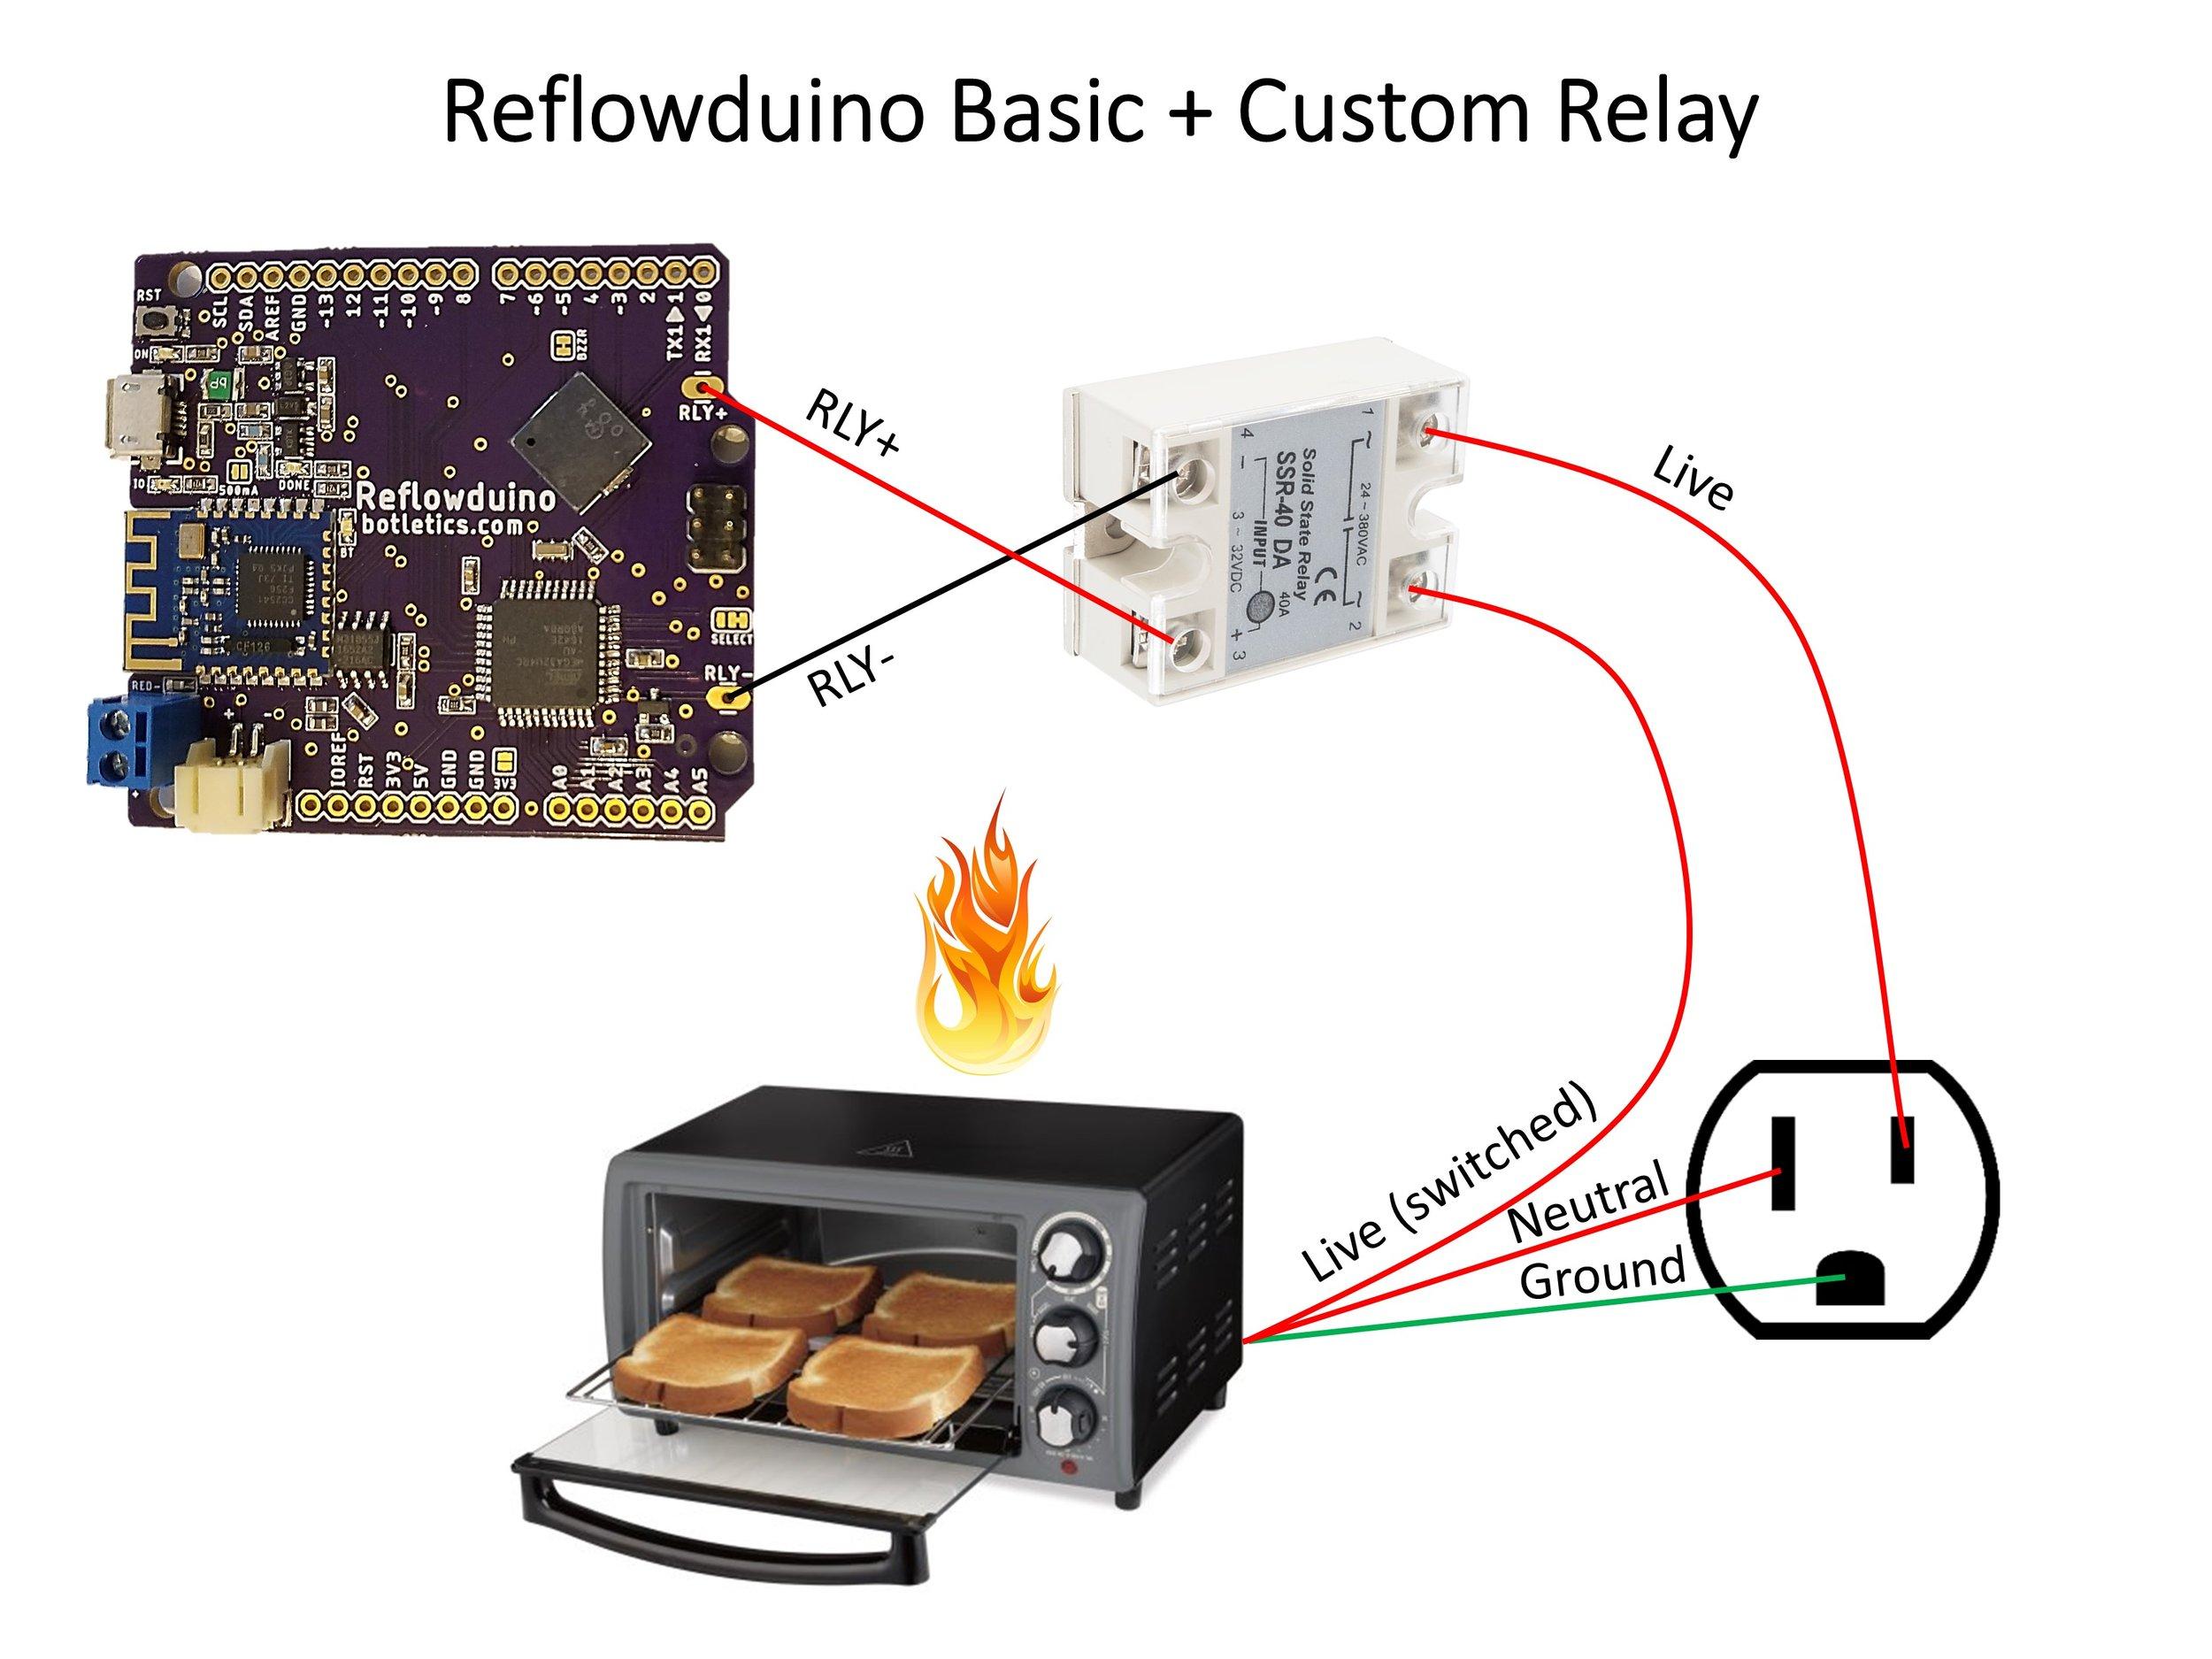 Reflowduino Basic Wiring Diagram